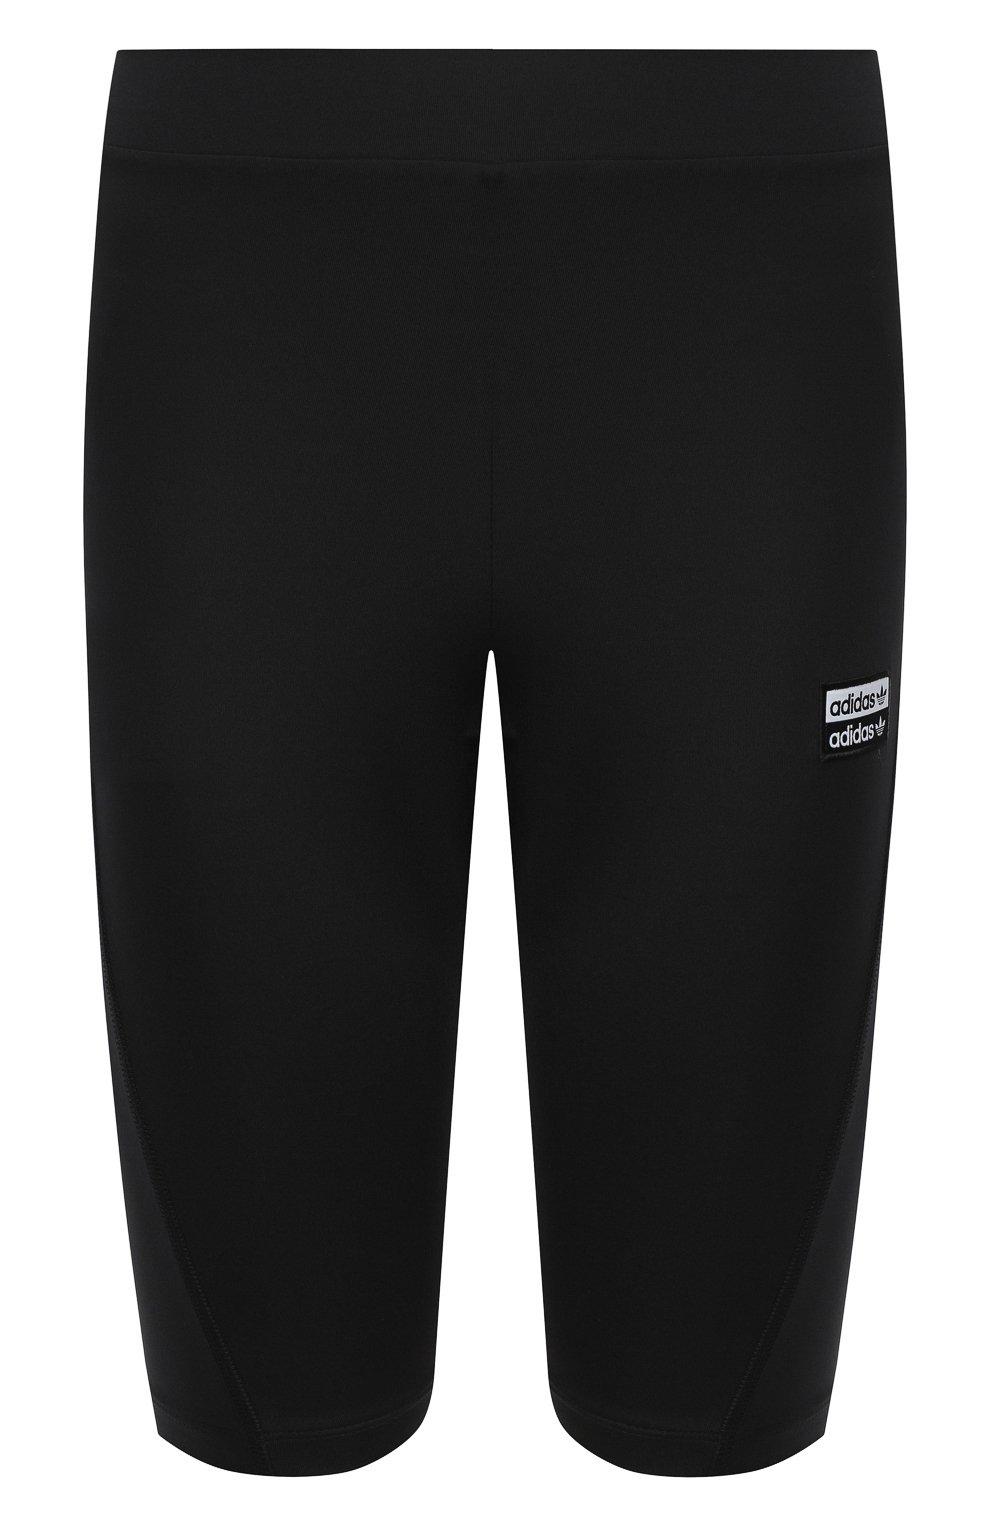 Женские шорты ADIDAS ORIGINALS черного цвета, арт. GD3882 | Фото 1 (Длина Ж (юбки, платья, шорты): Мини; Кросс-КТ: Спорт)